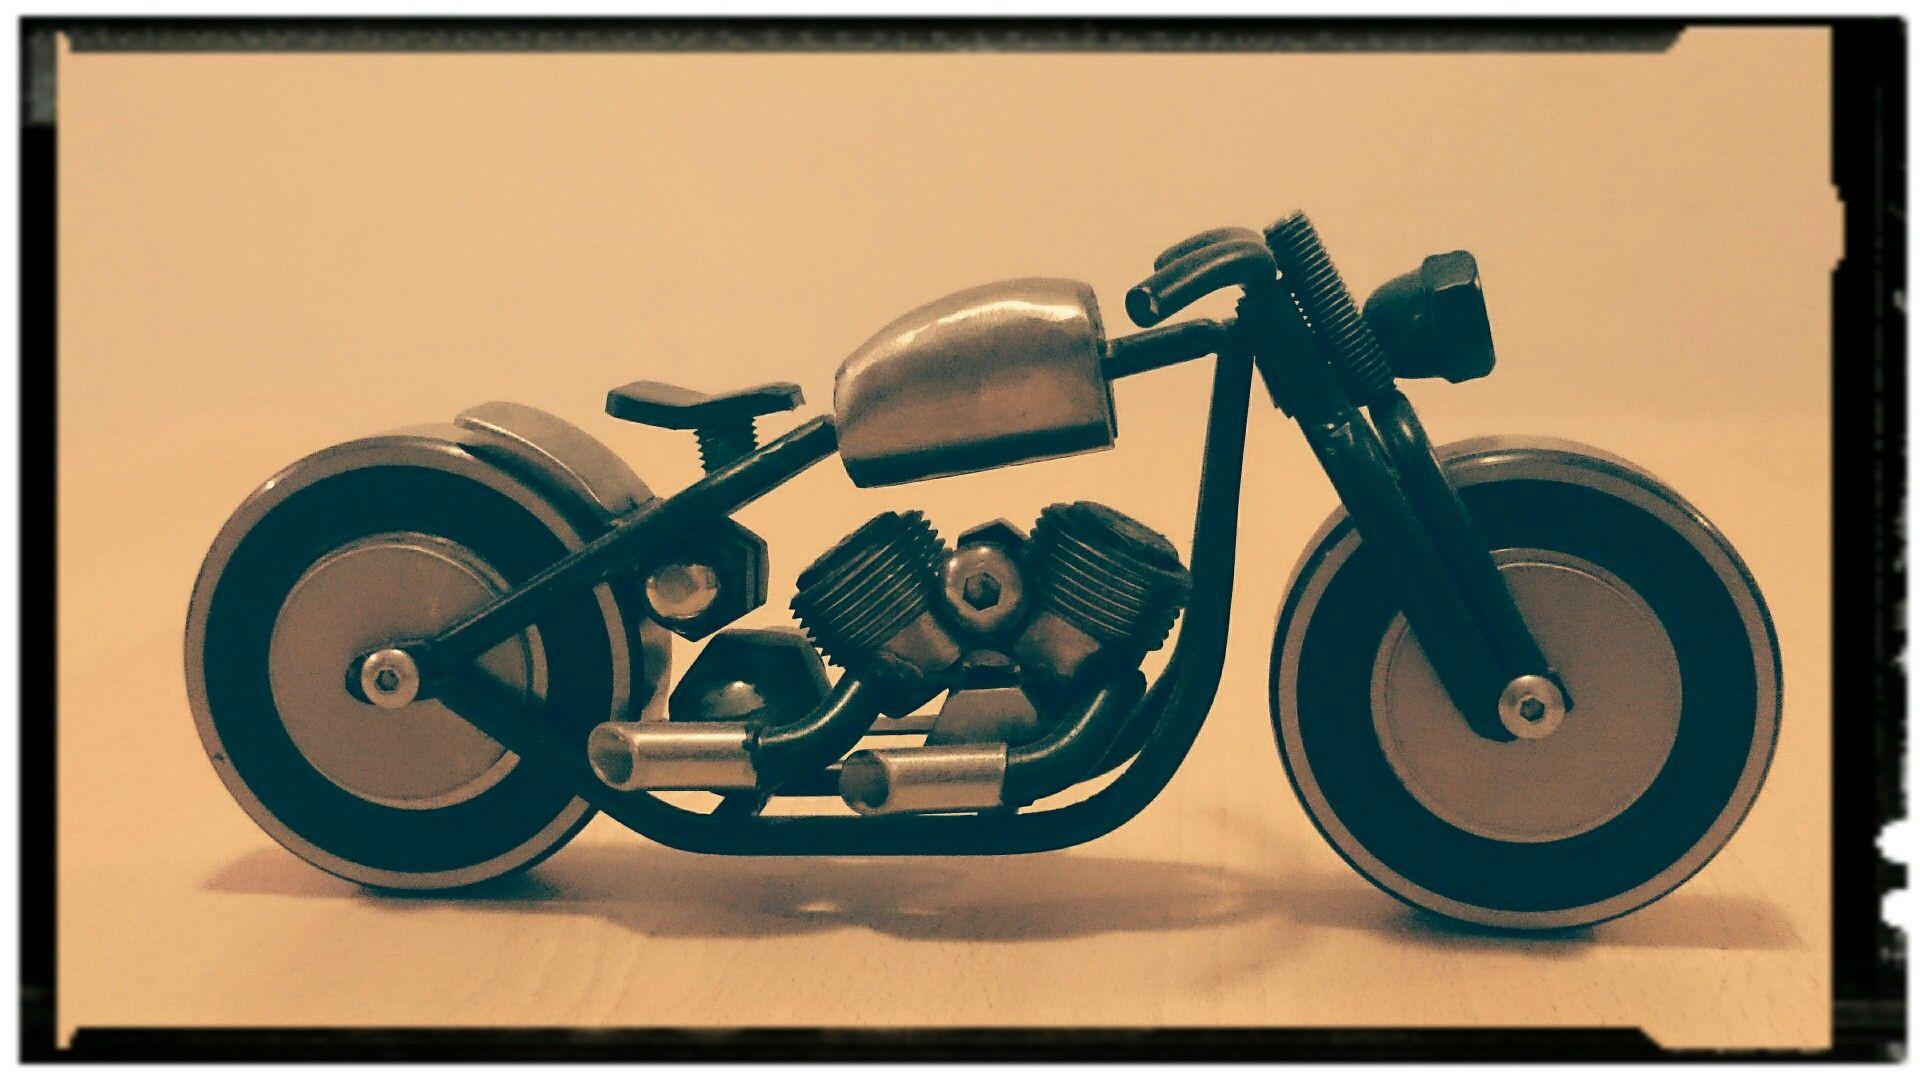 Steel Motorcycle